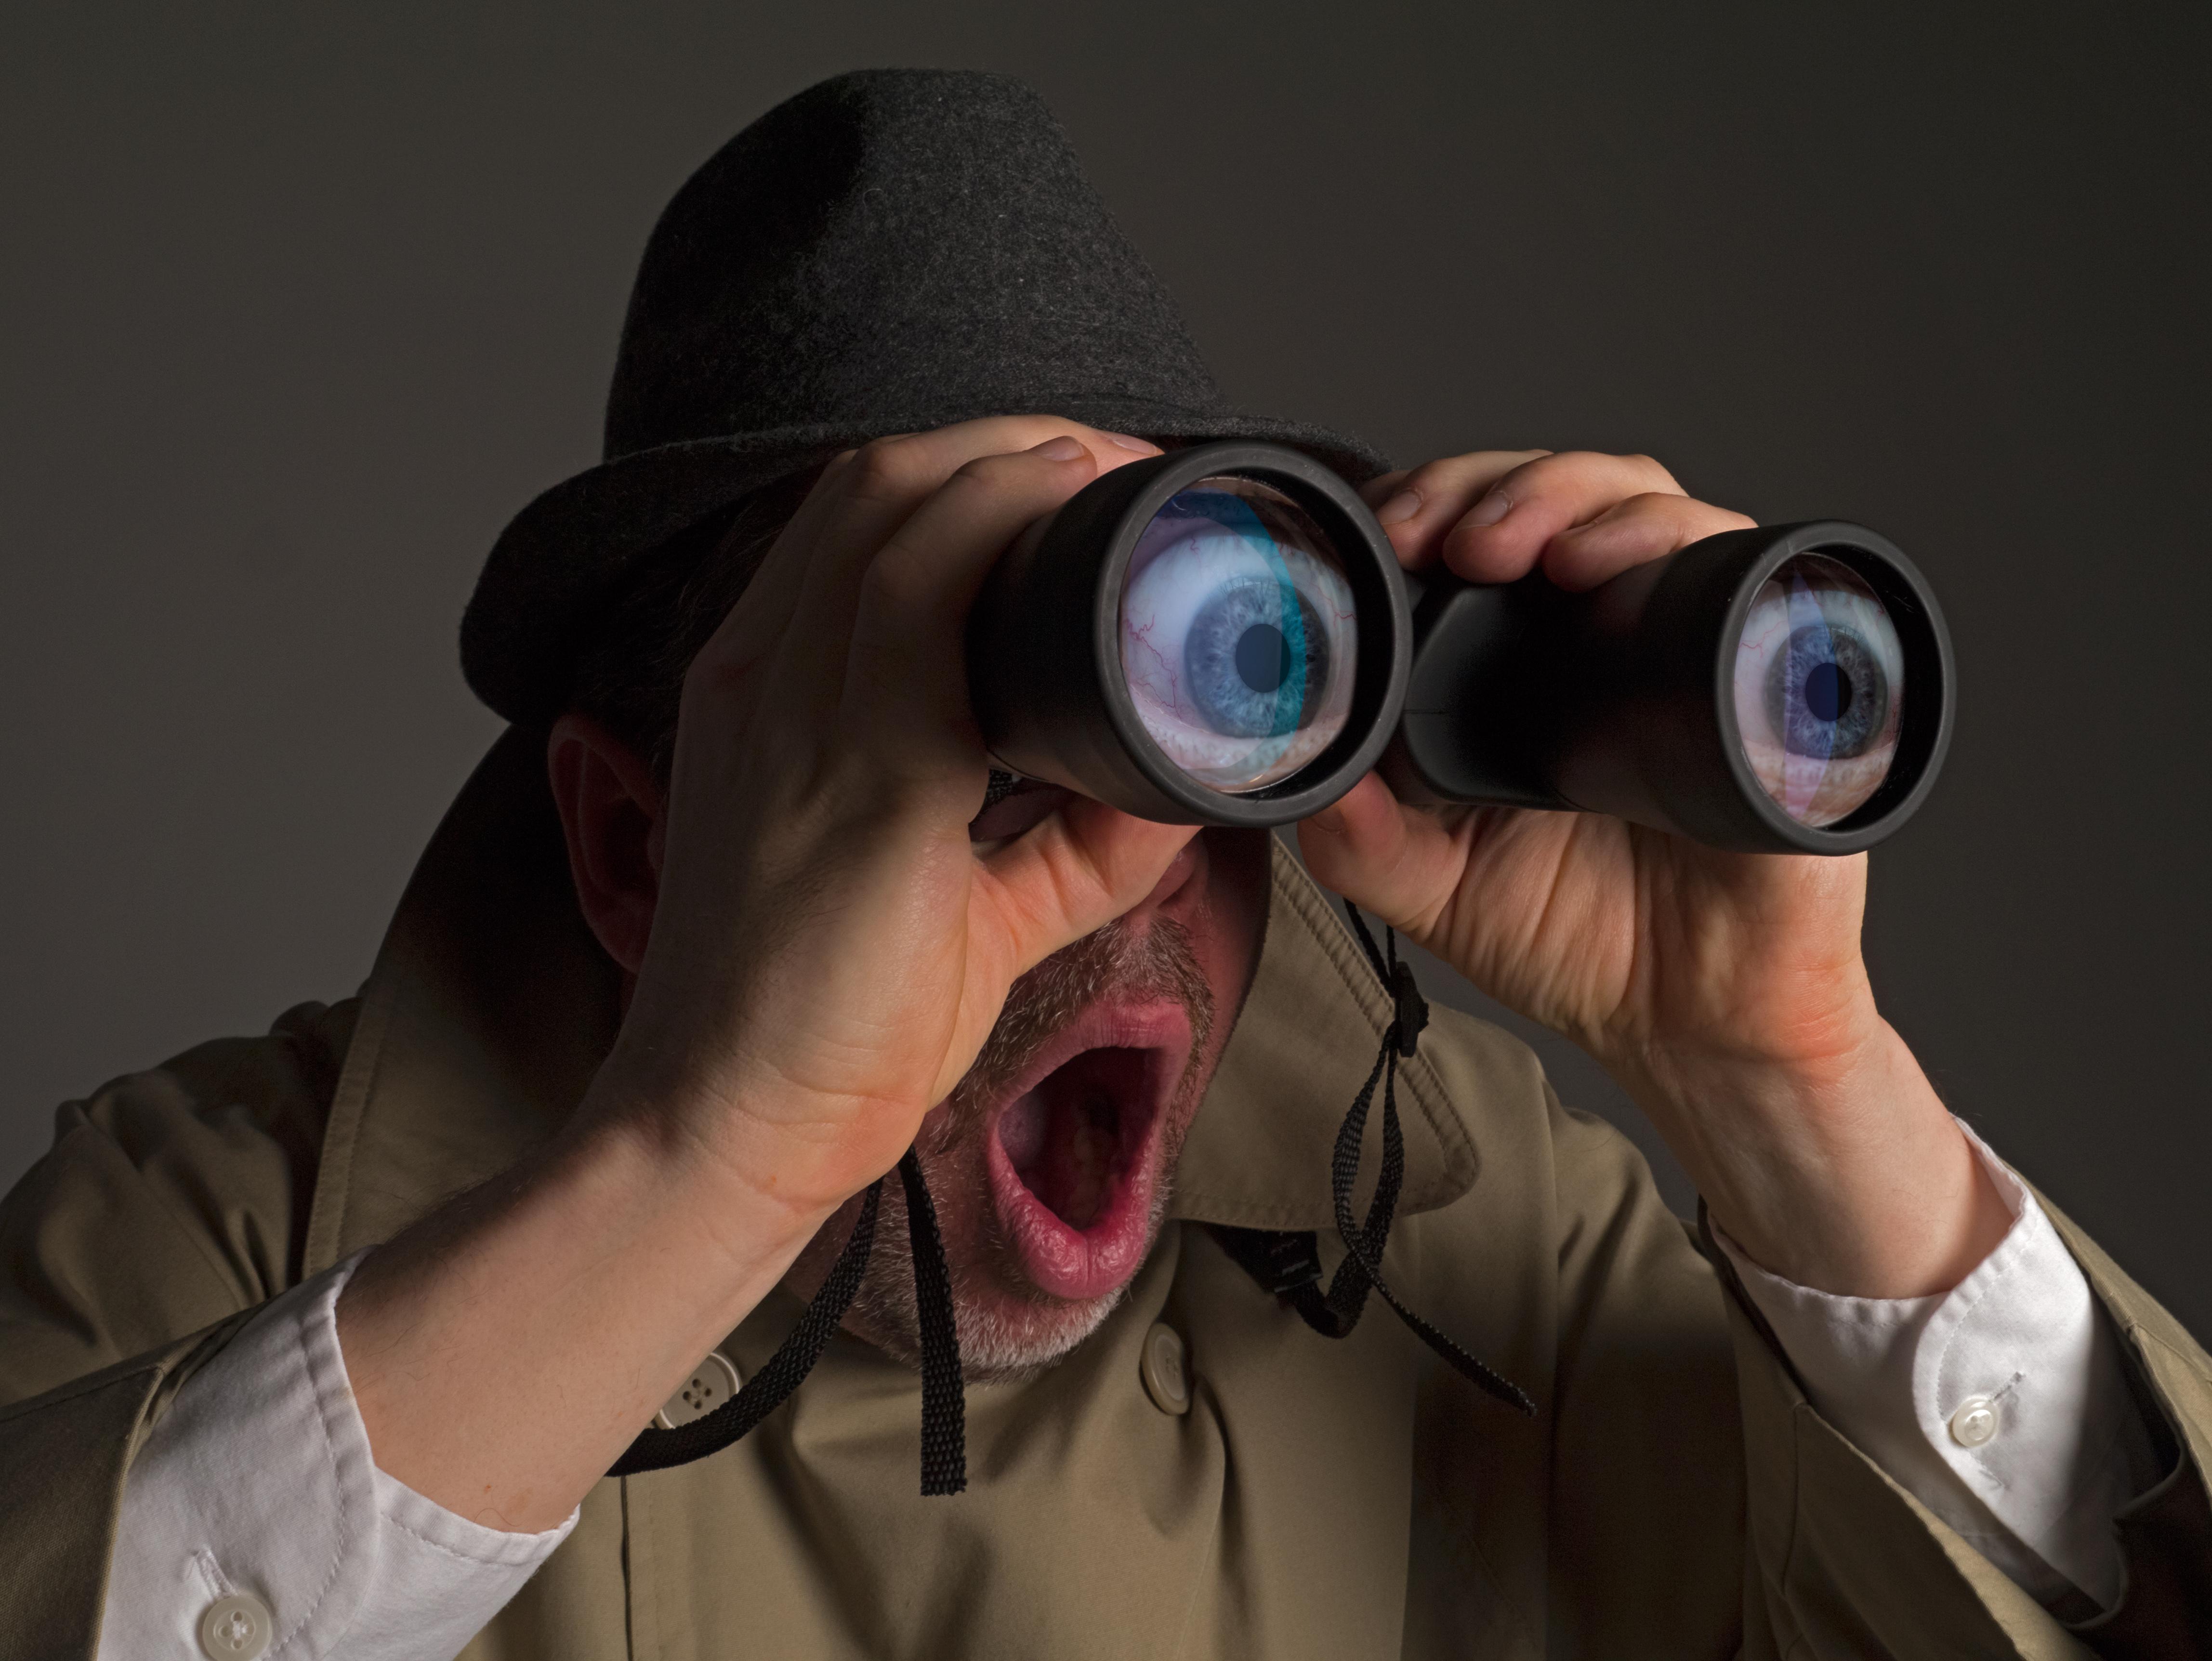 Spy guy with binoculars image.jpeg